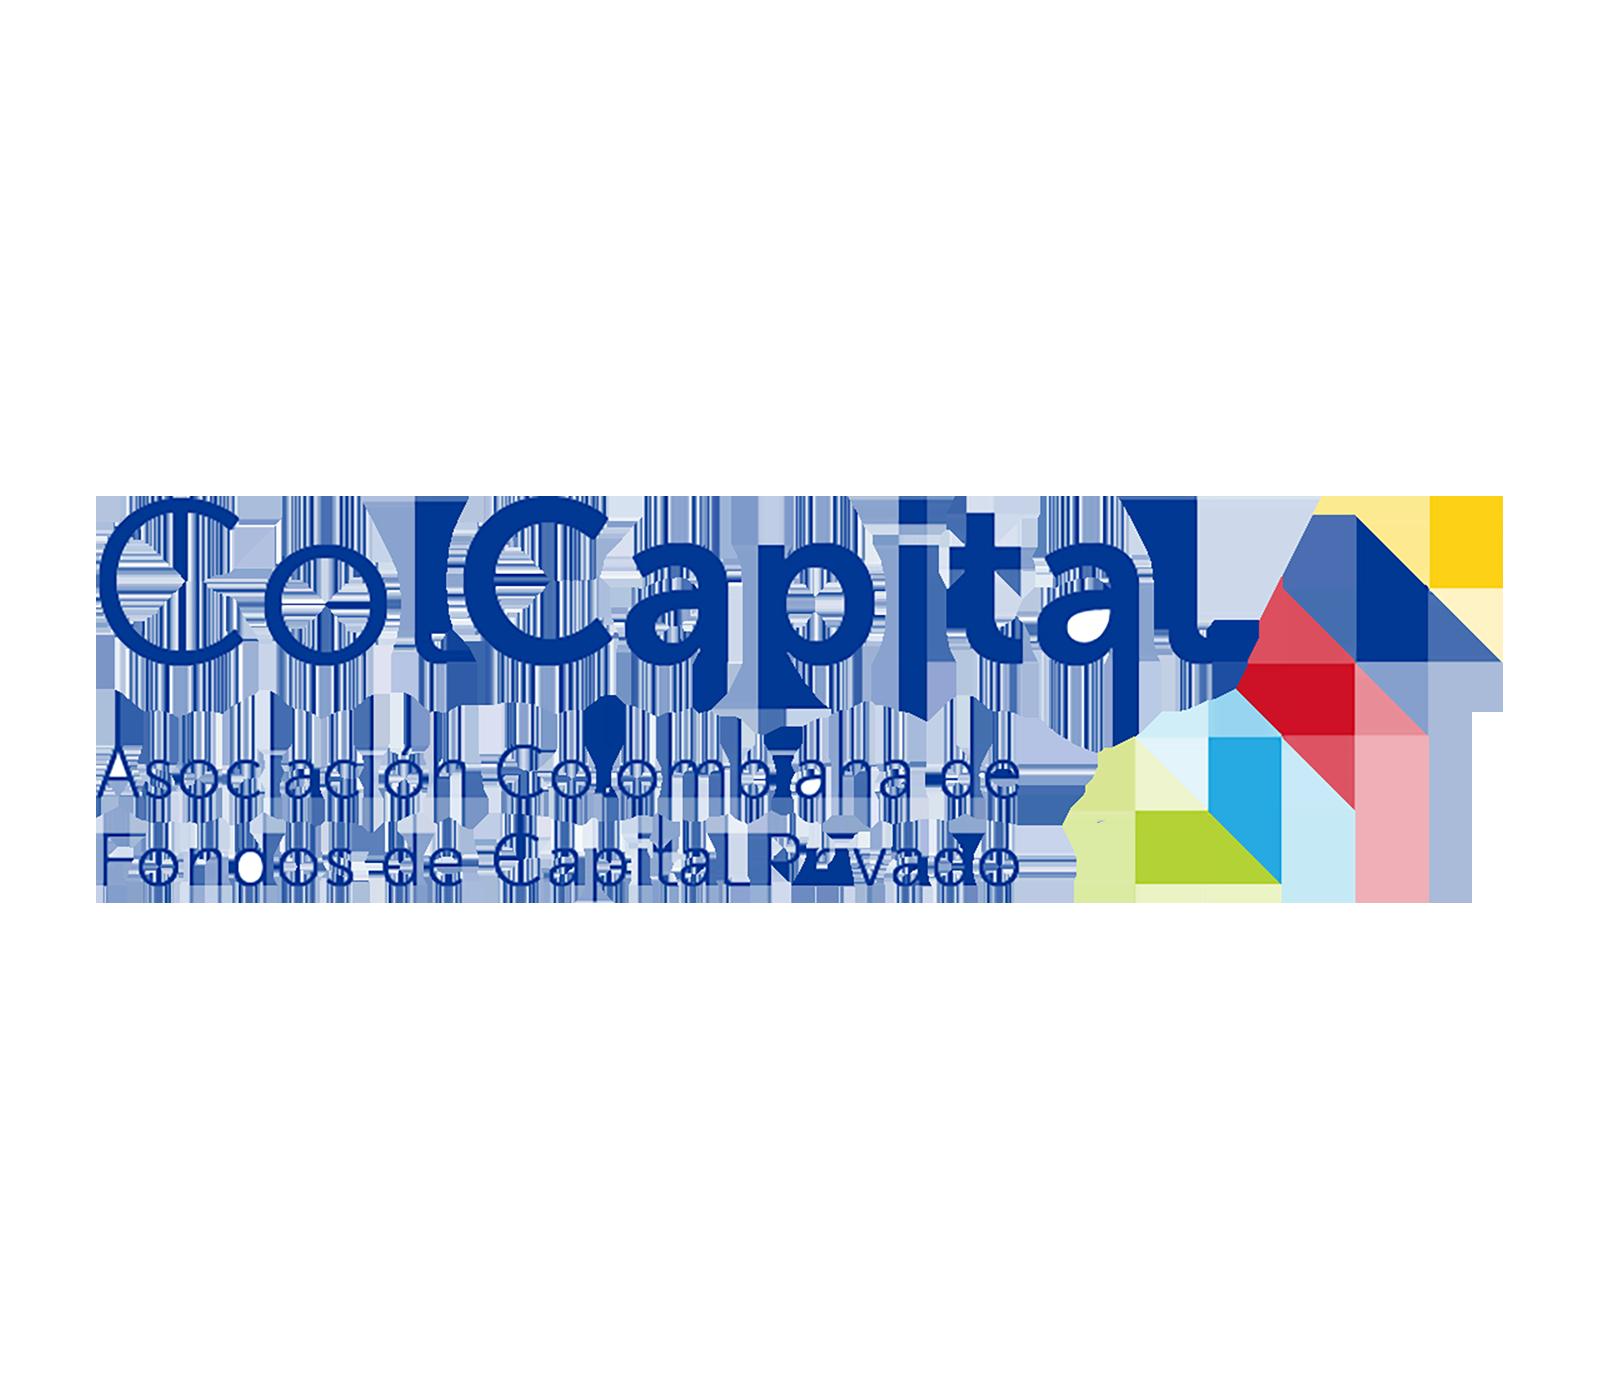 COLCAPITAL